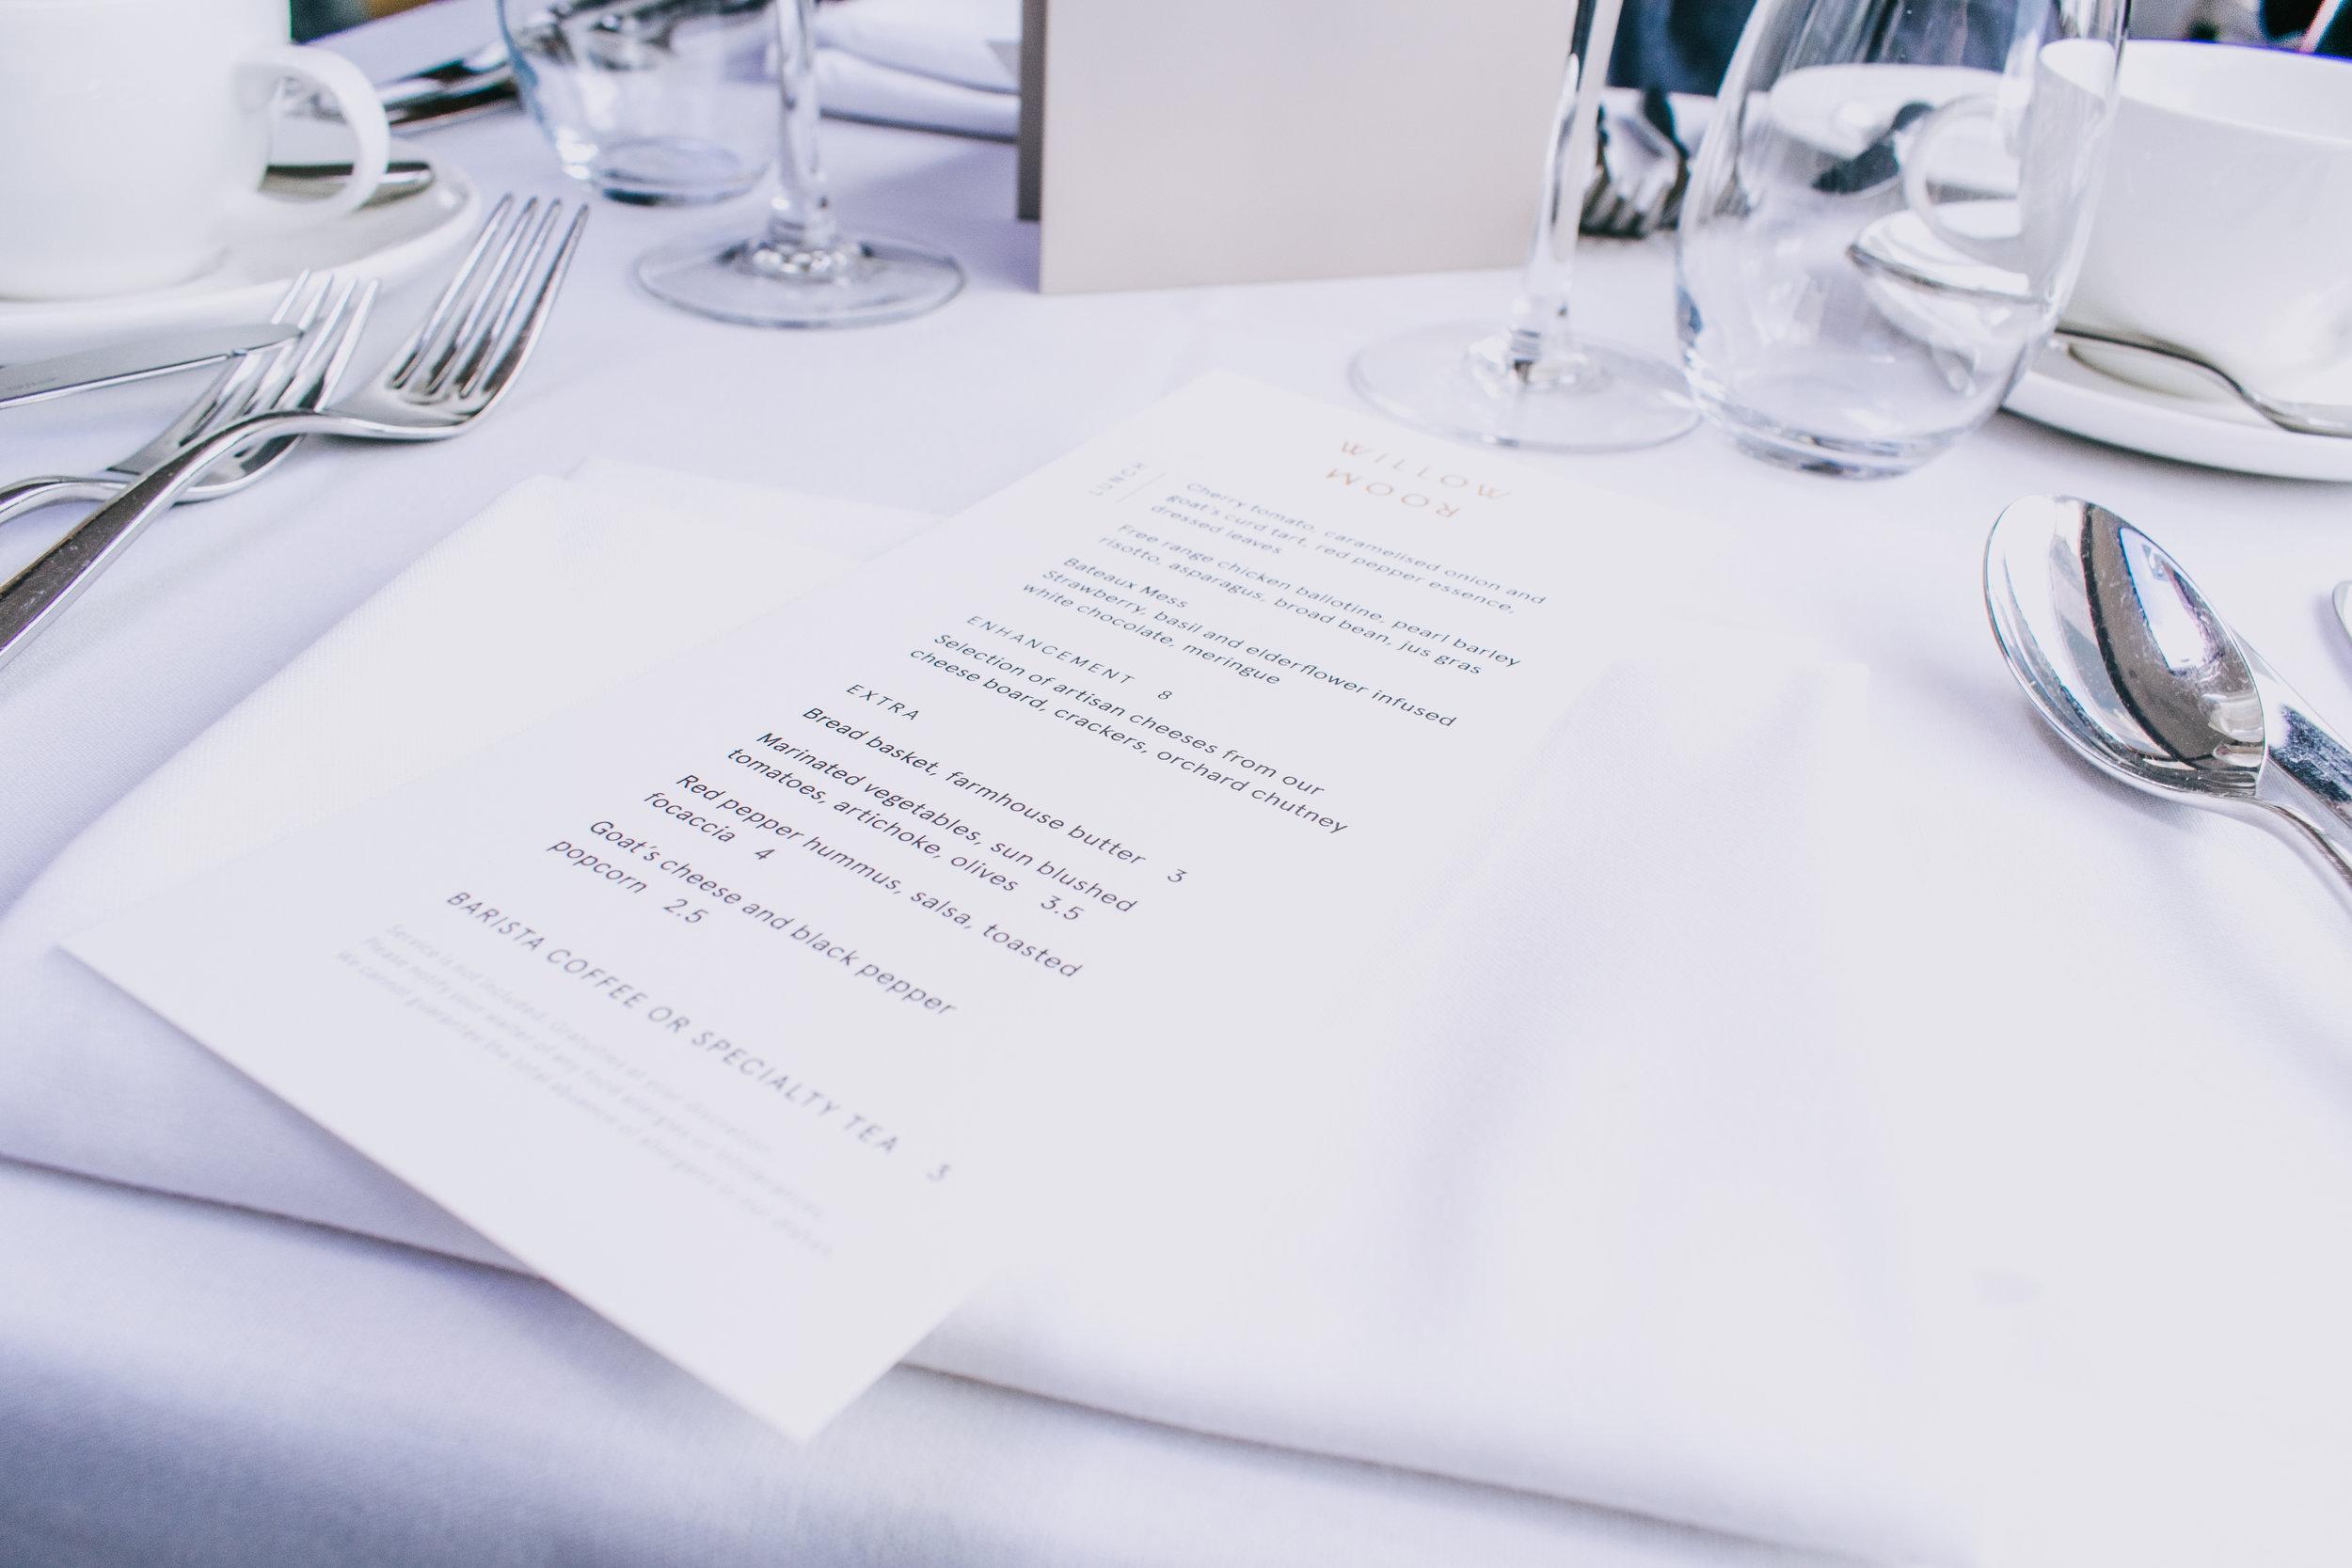 Bateaux Windsor lunch river cruise menu